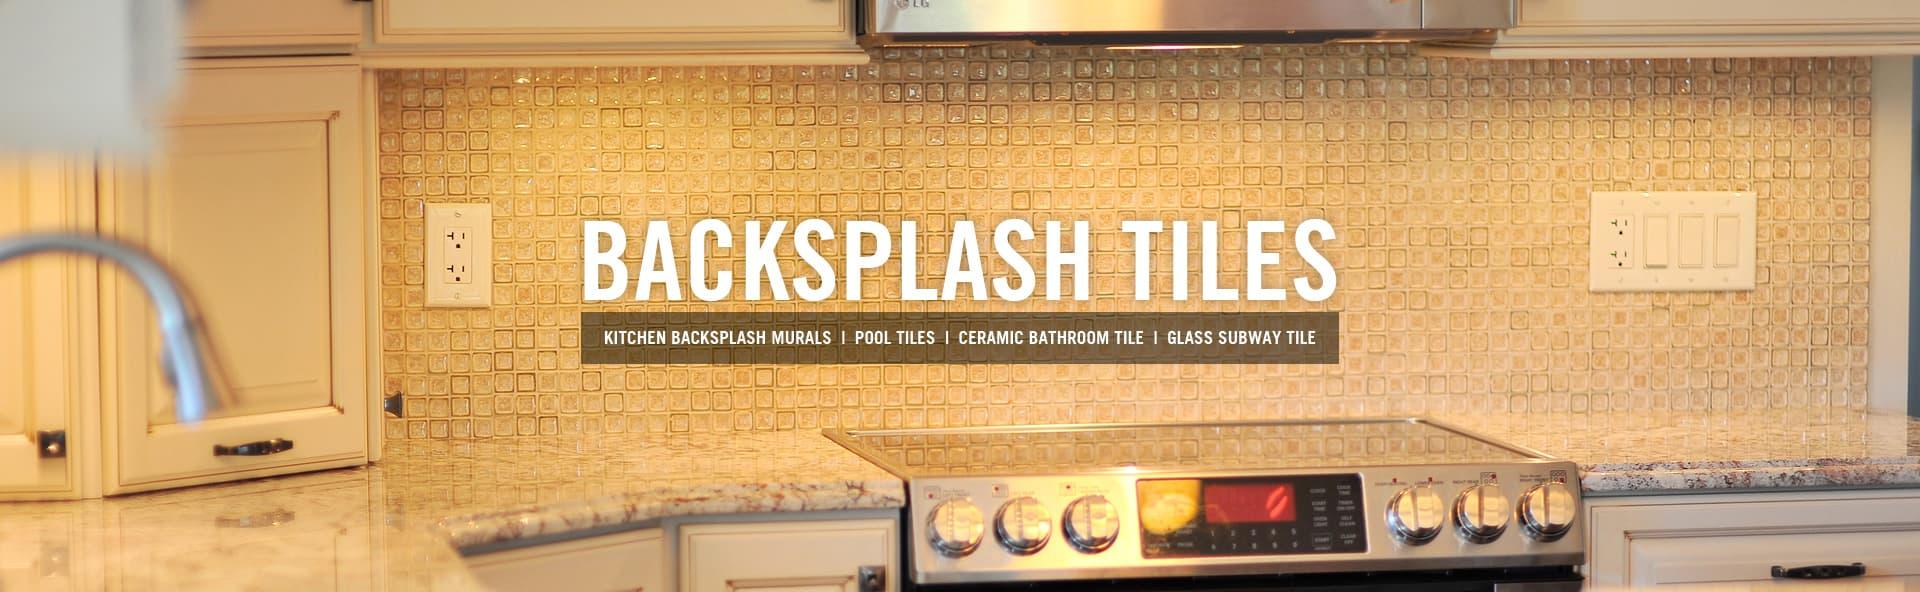 Best Kitchen Backsplash Tile And Mosaic Online | Belk Tile